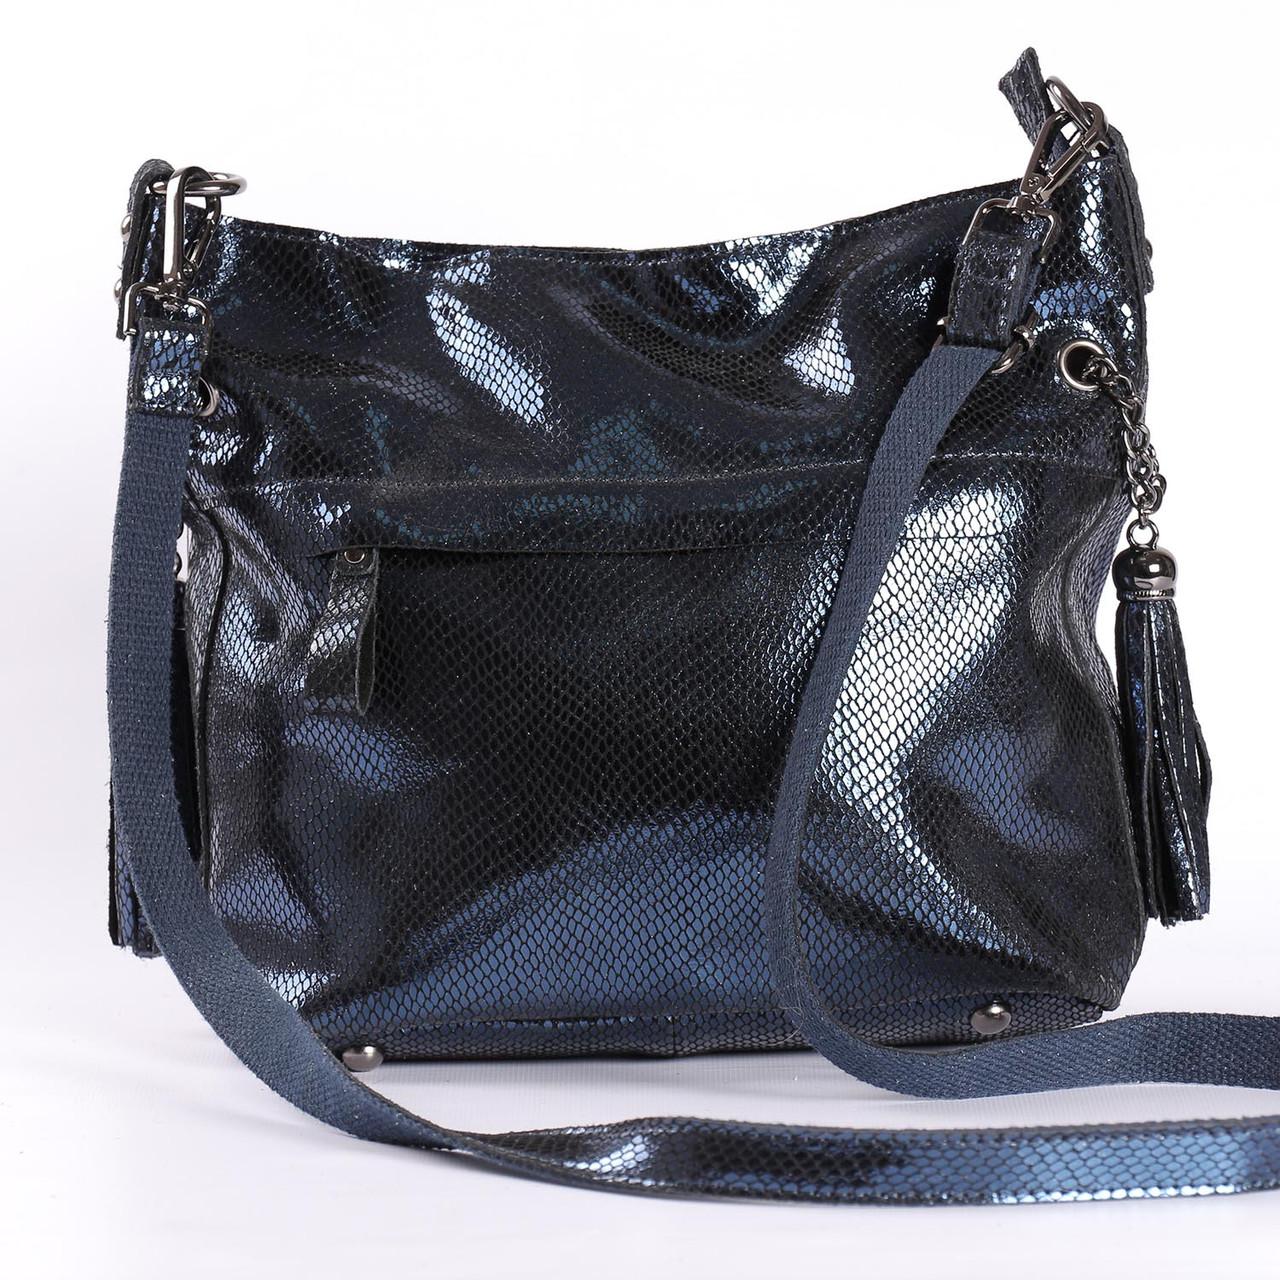 b59eec7094f3 Женская кожаная сумка с лазерным напылением темно-синяя